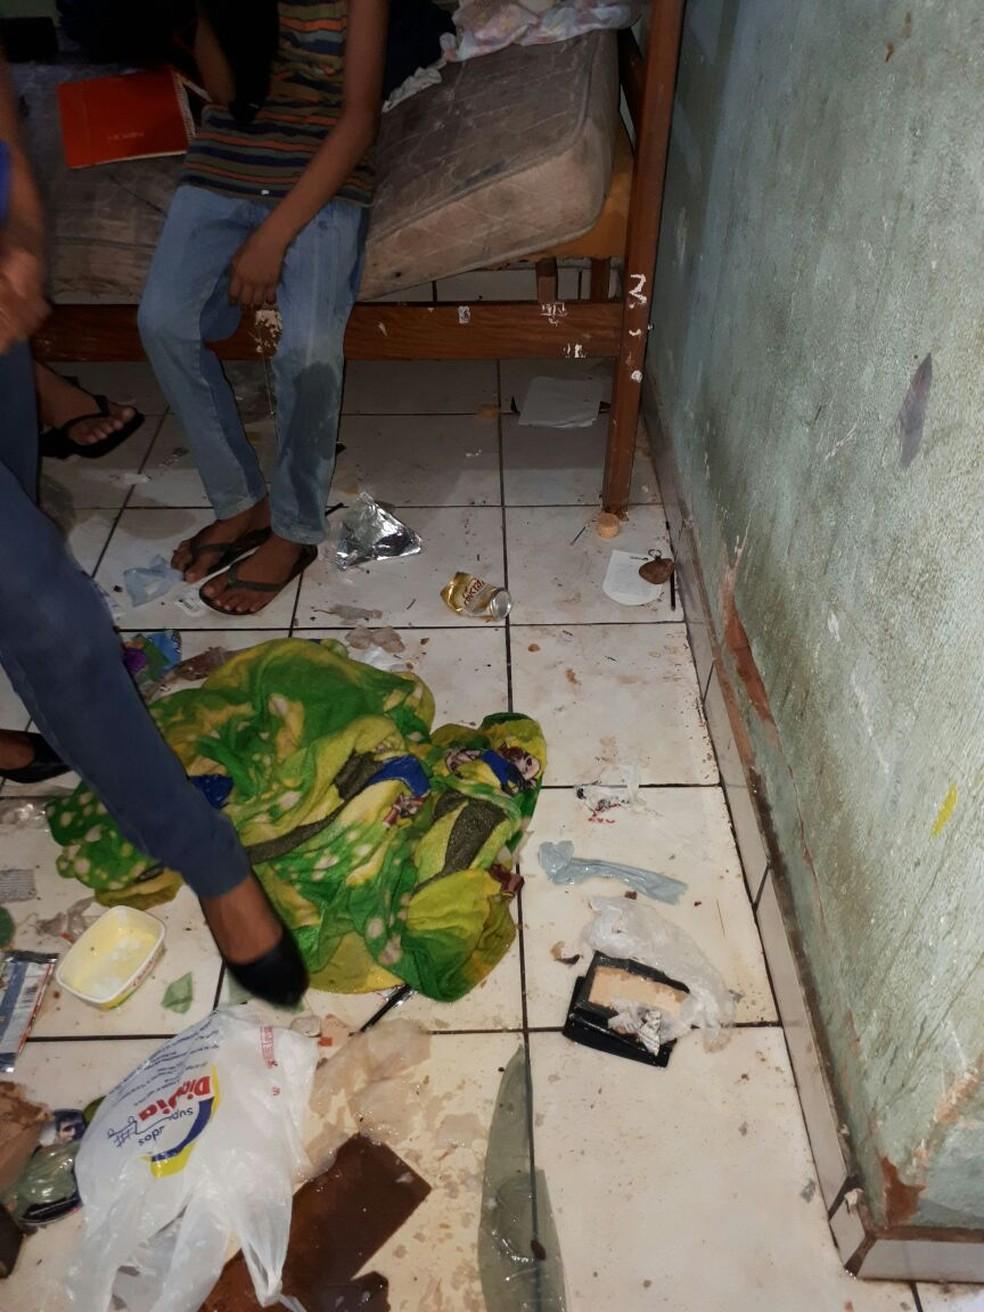 Foto mostra sujeira e abandono onde as crianças ficavam, no cômodo da casa no Bairro Pedregal, em Cuiabá (Foto: Polícia Civil de MT/Assessoria)